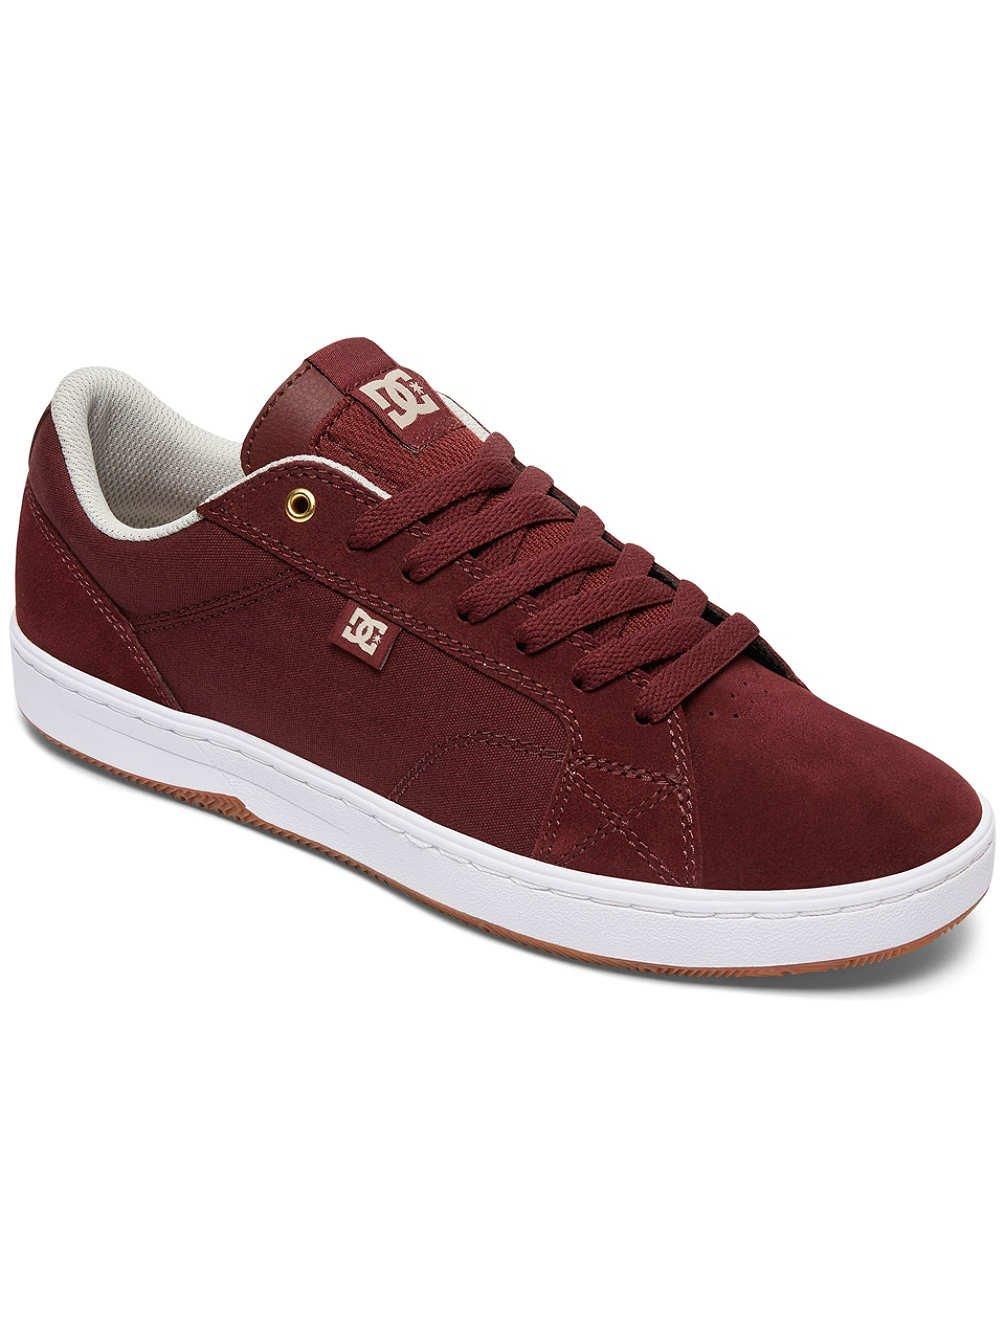 DC Herren Astor Sneaker  Schwarz/Schwarz/Schwarz  One Size oxblood/oyster